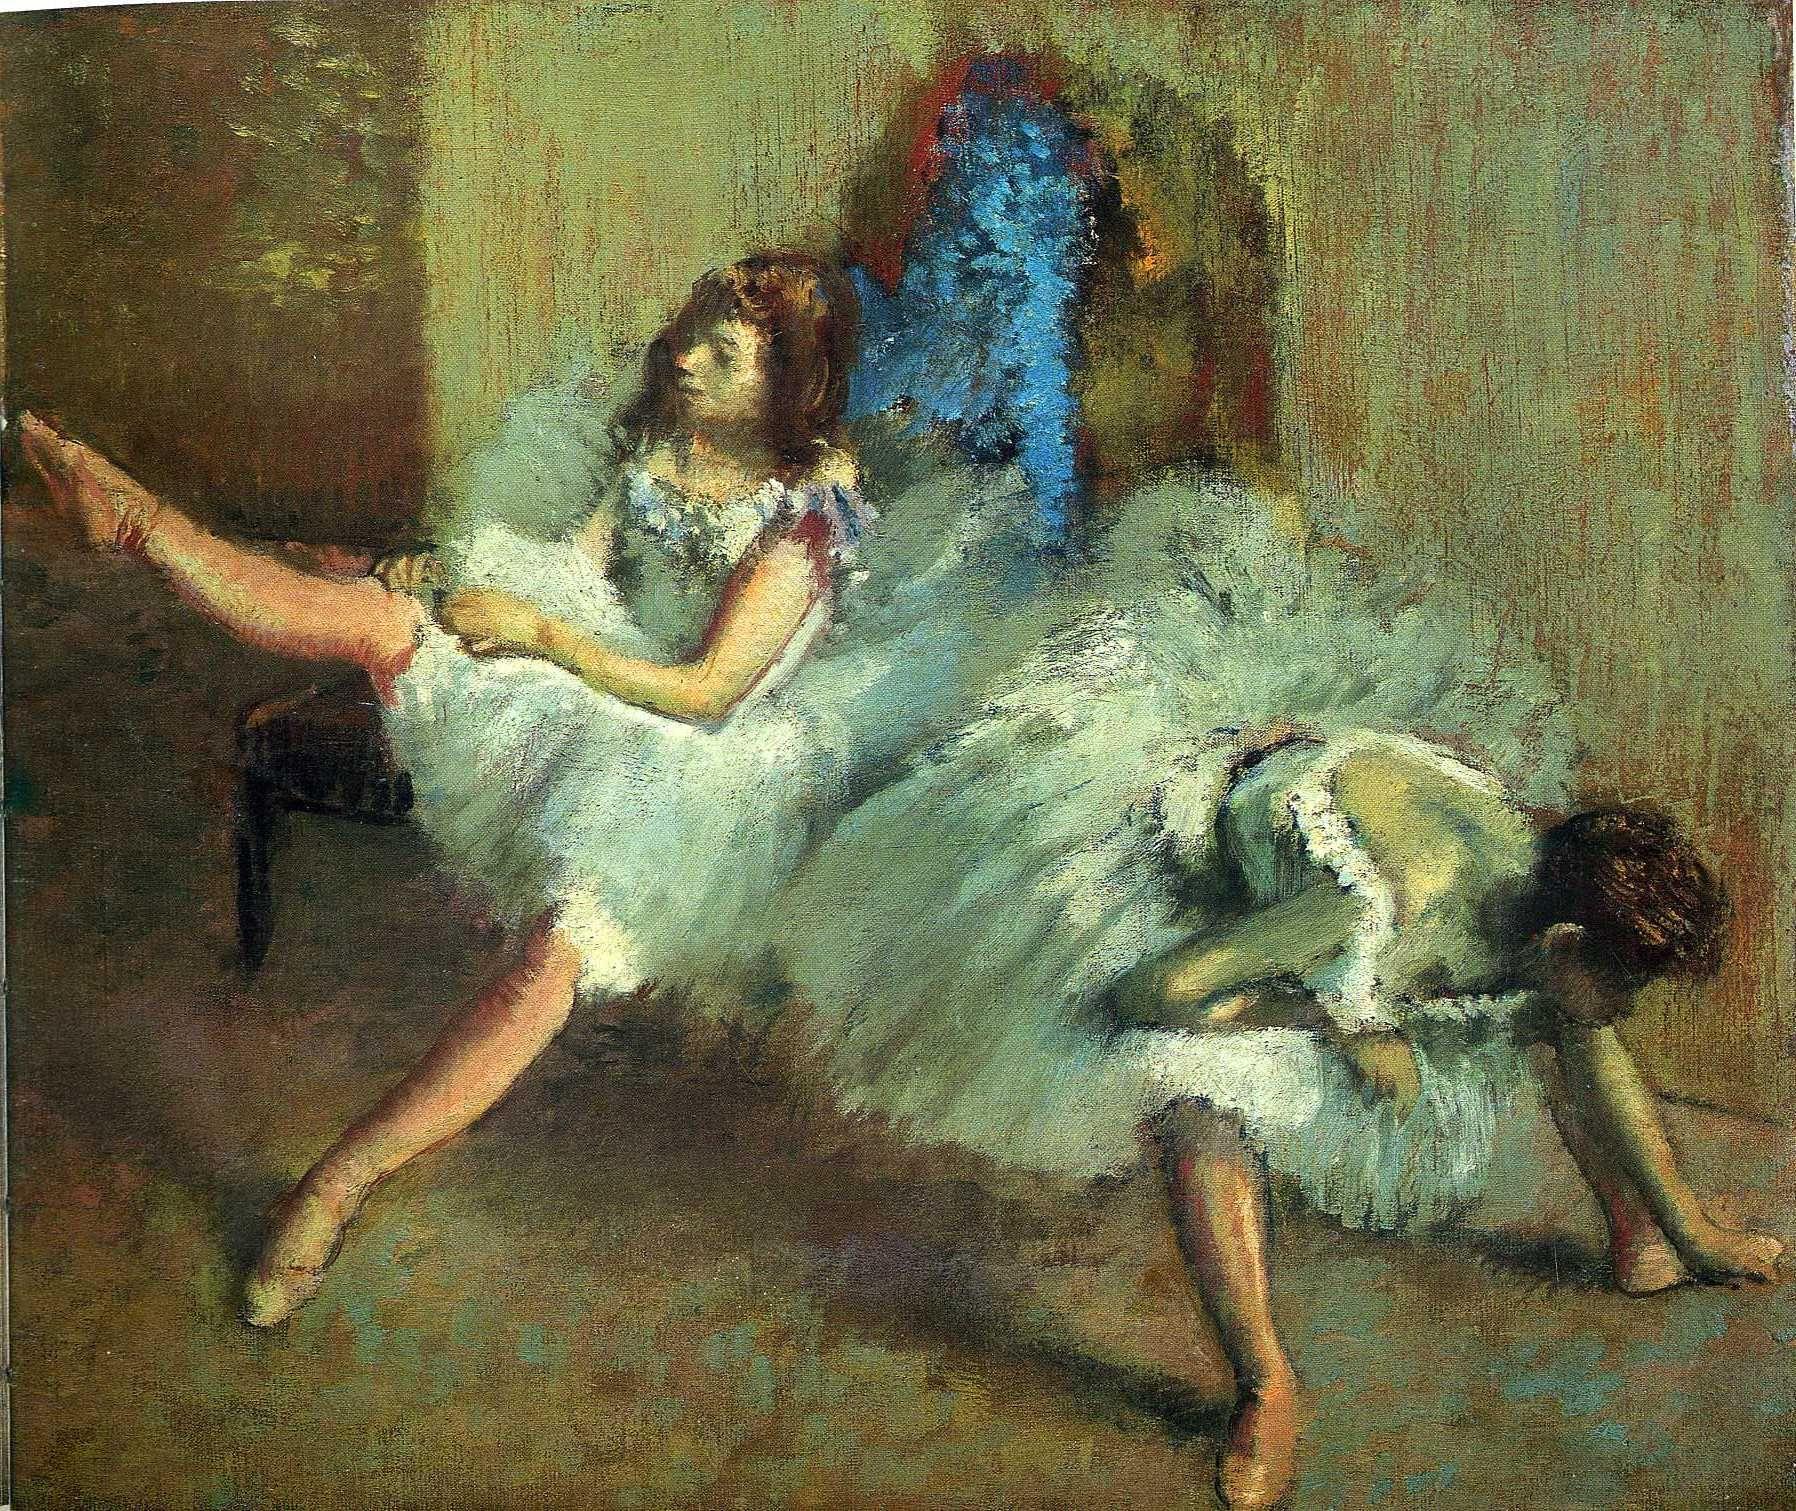 Edgar Degas paintings, art-Degas.com - Ballet Class, the